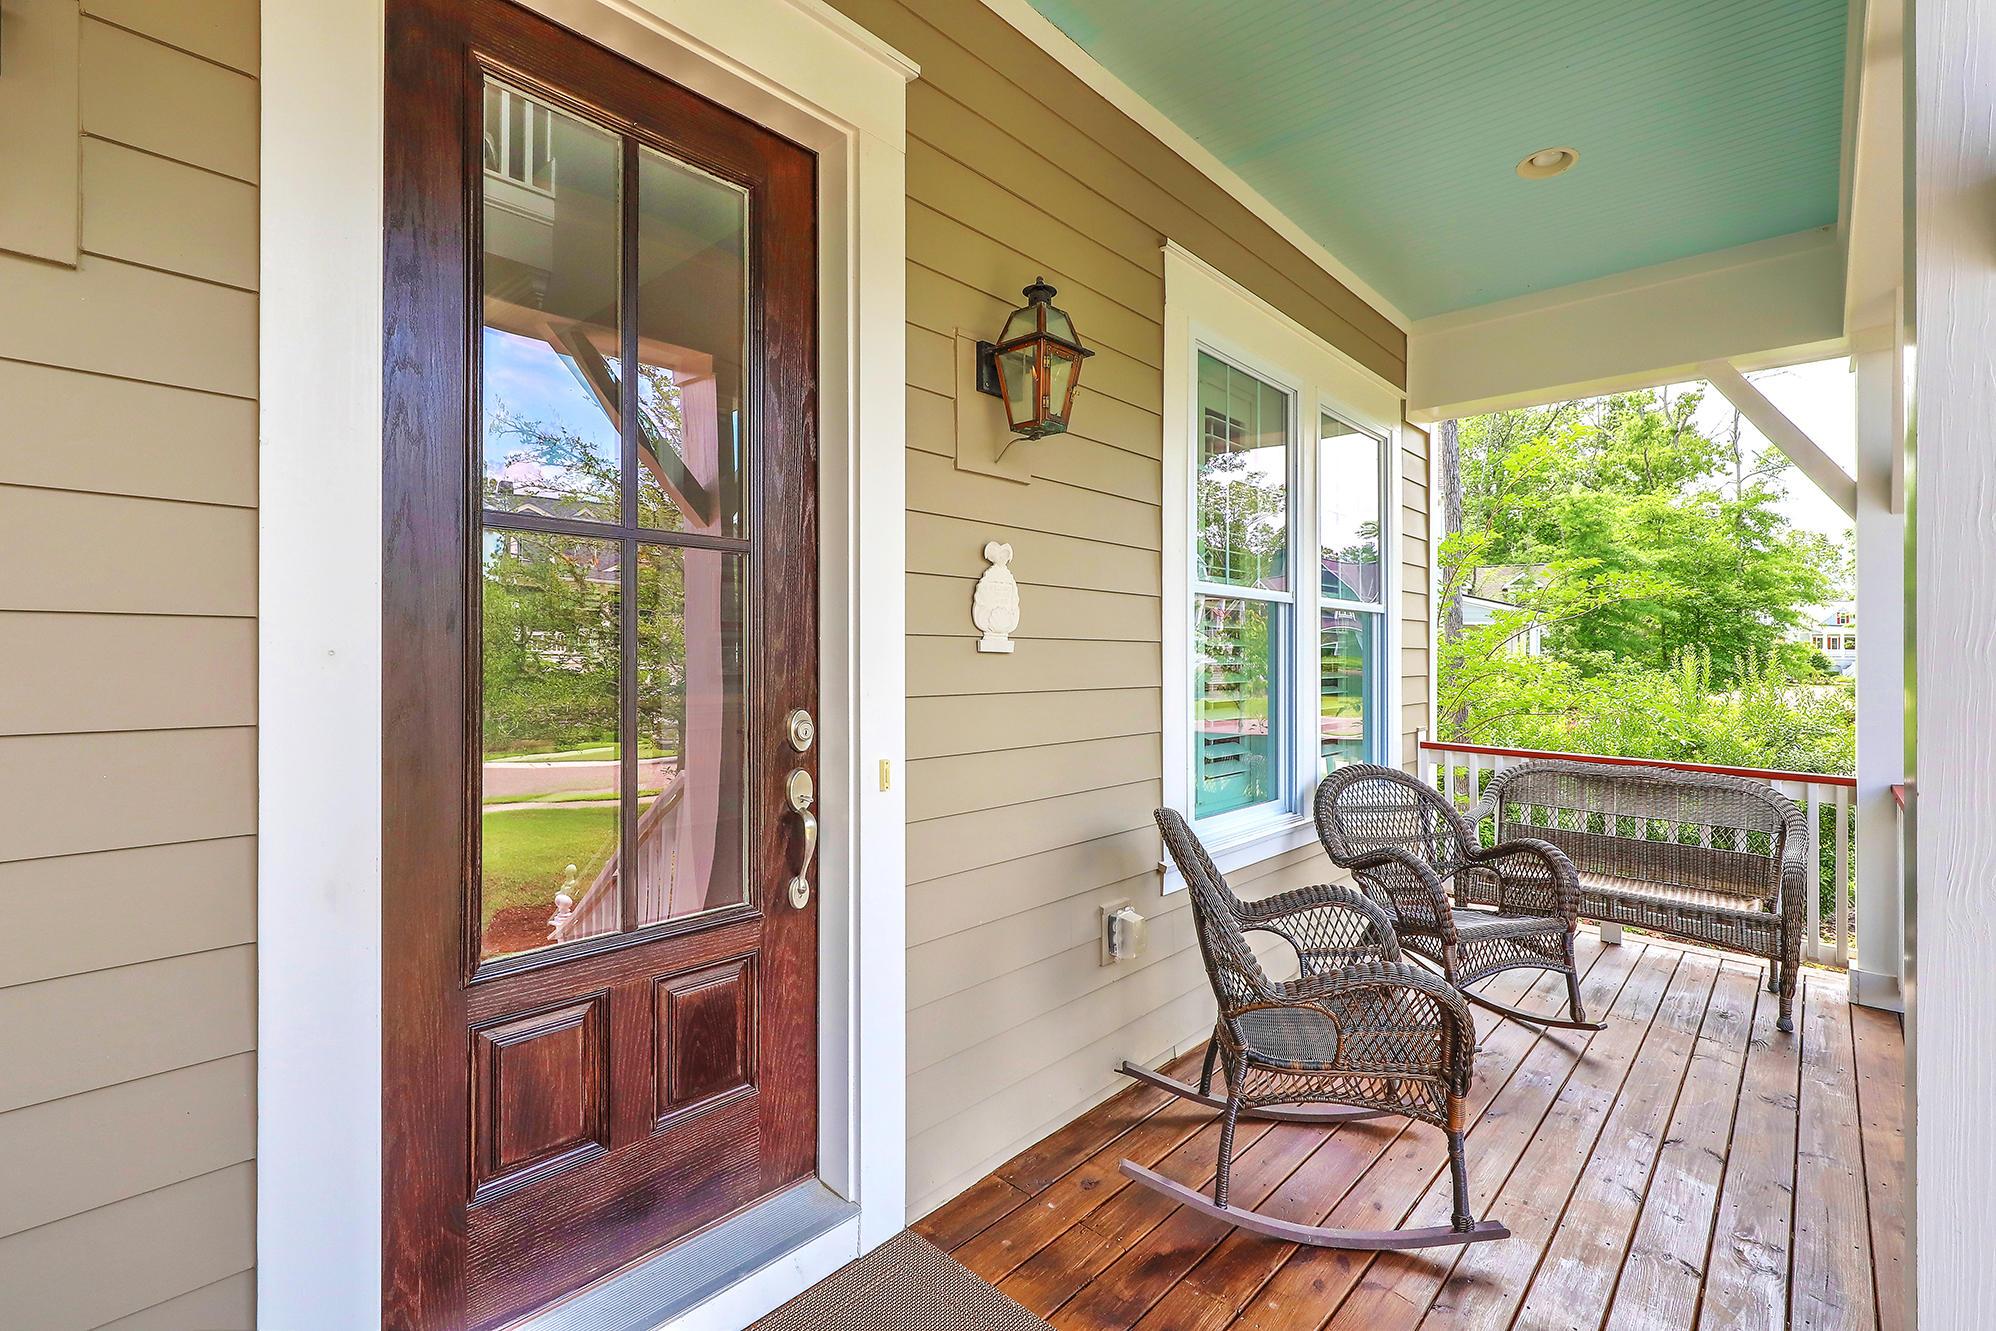 Park West Homes For Sale - 1516 Capel, Mount Pleasant, SC - 35